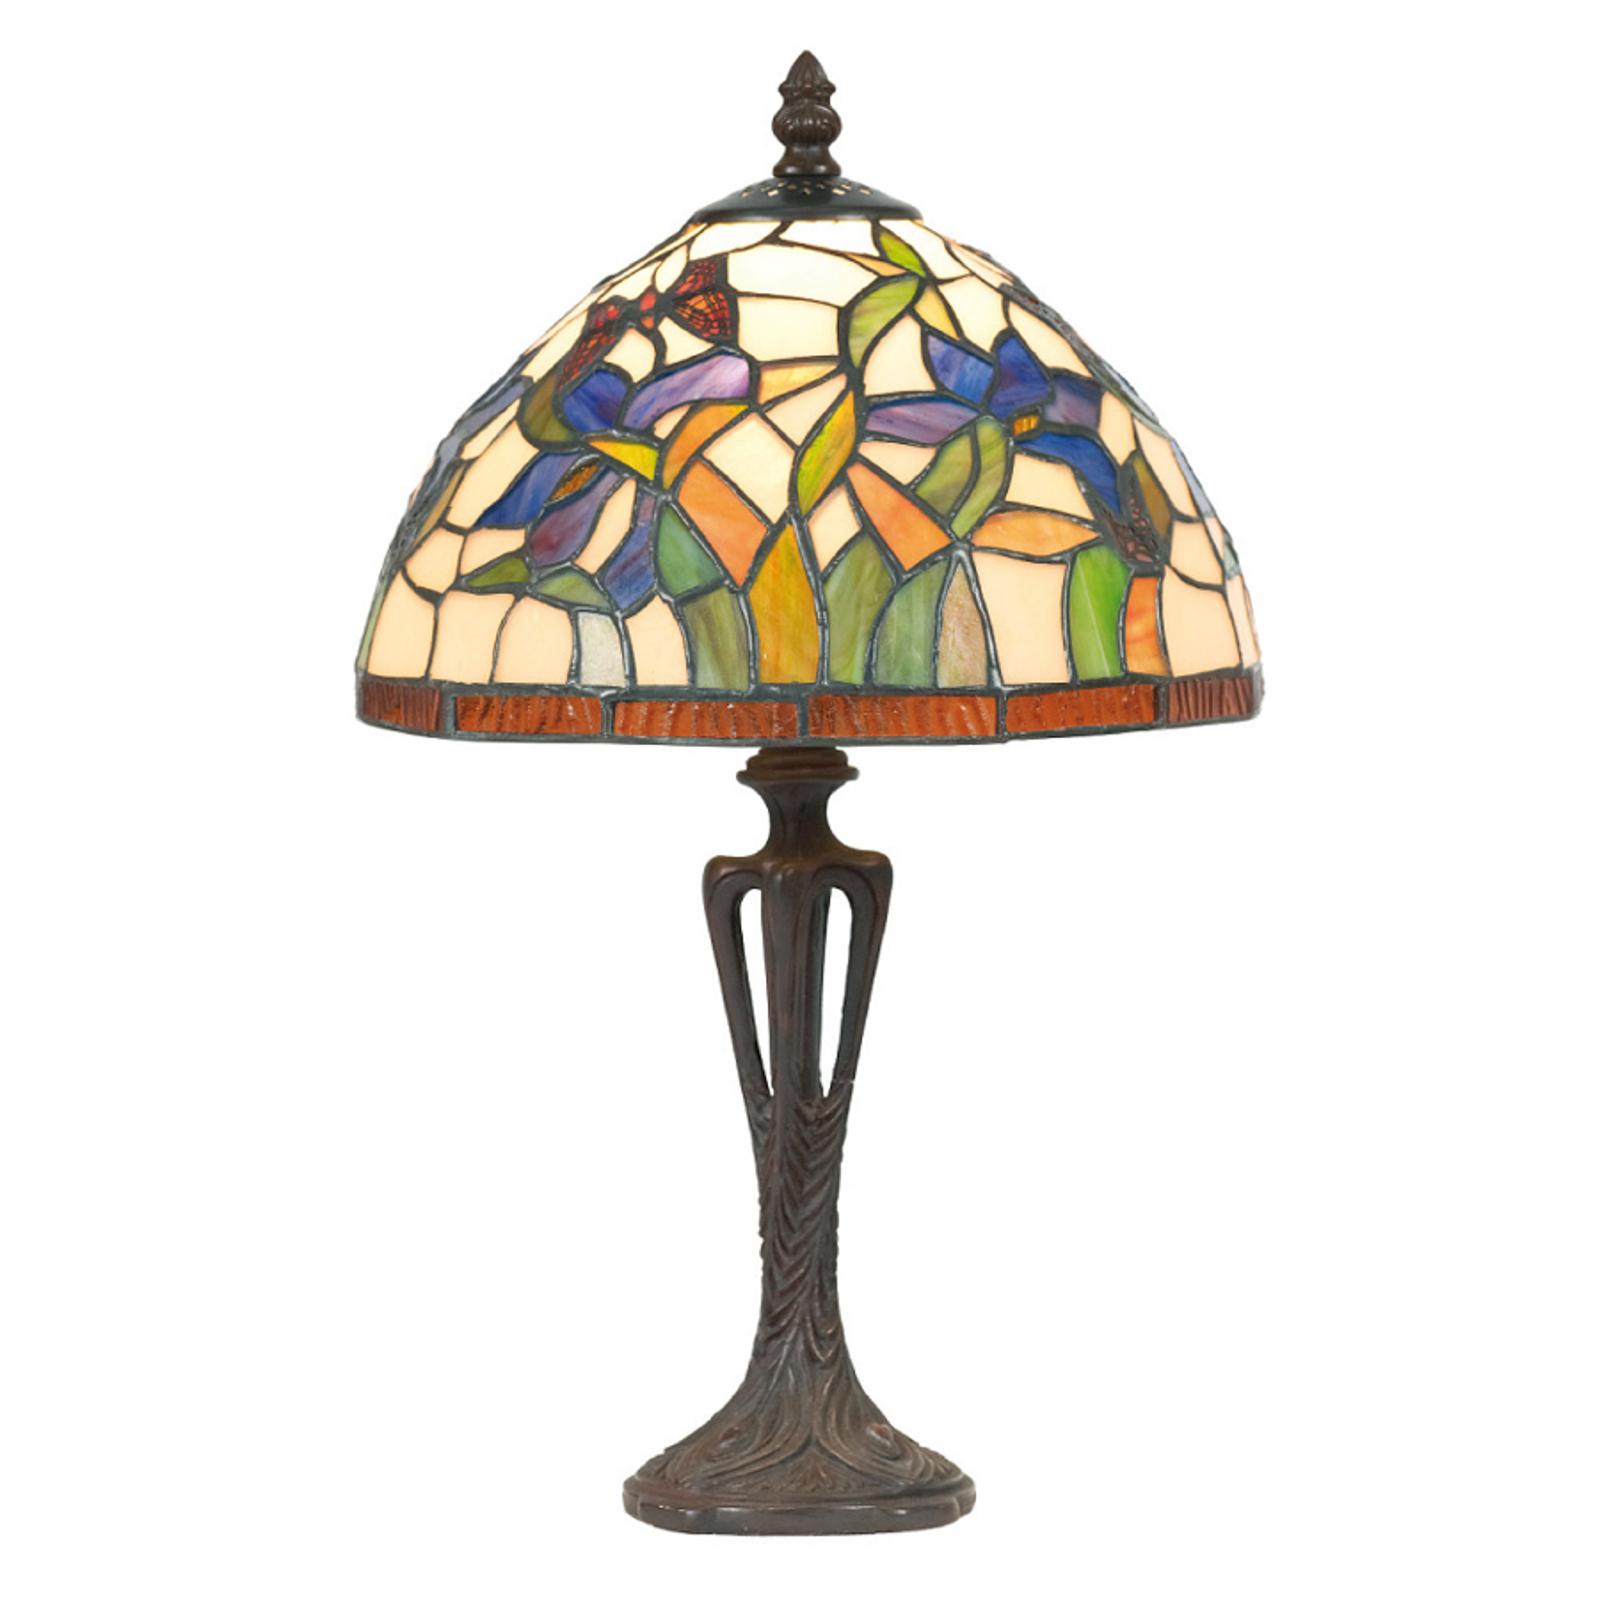 Bordslampa Elanda i tiffanystil, 40 cm